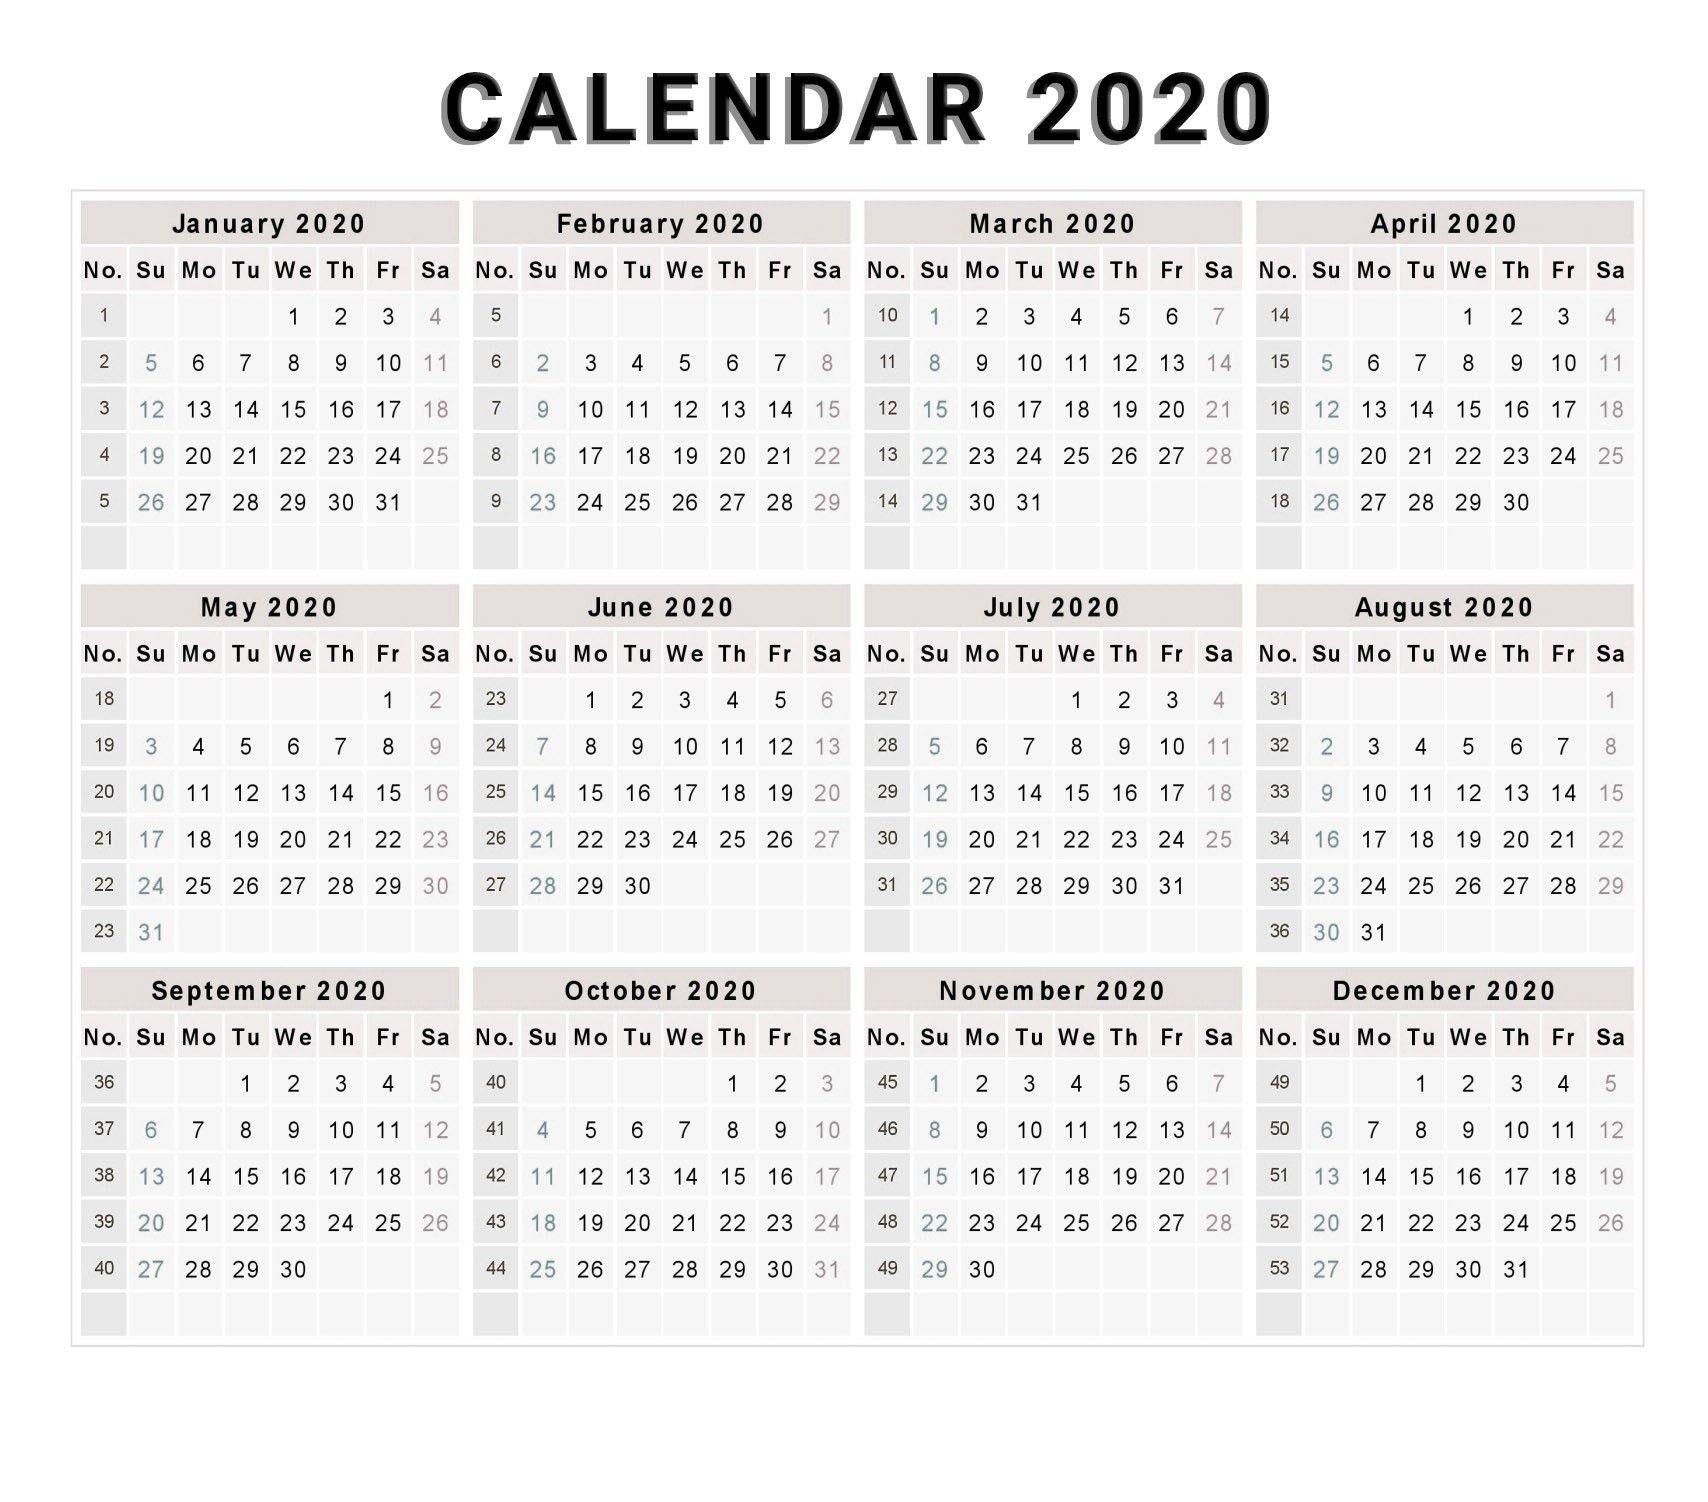 Calendar 2020 Free Printable Calendar 2020 Free 2020 inside 2020 Calendar Weeks Numbered Excel